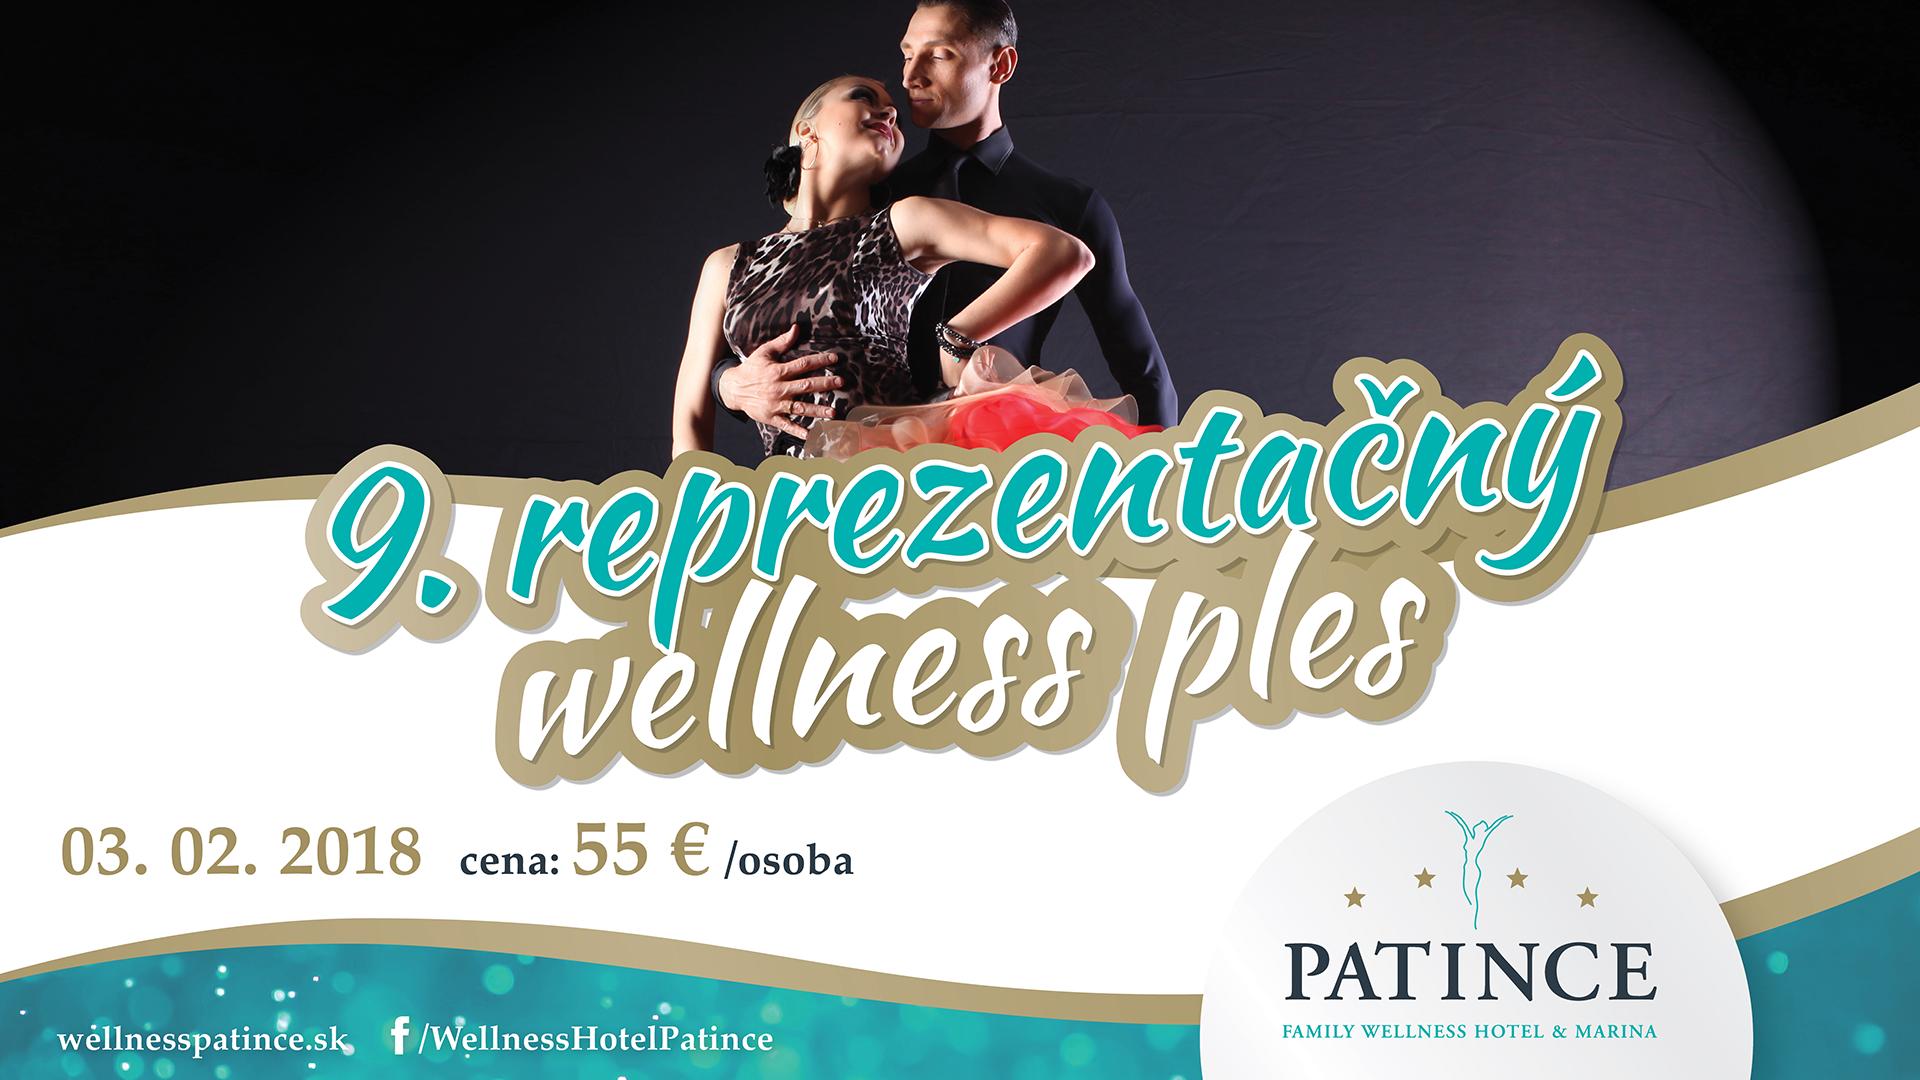 04f3486b3 9.reprezetačný wellnes ples v Patinci - Katalóg firiem | moja Bystrica